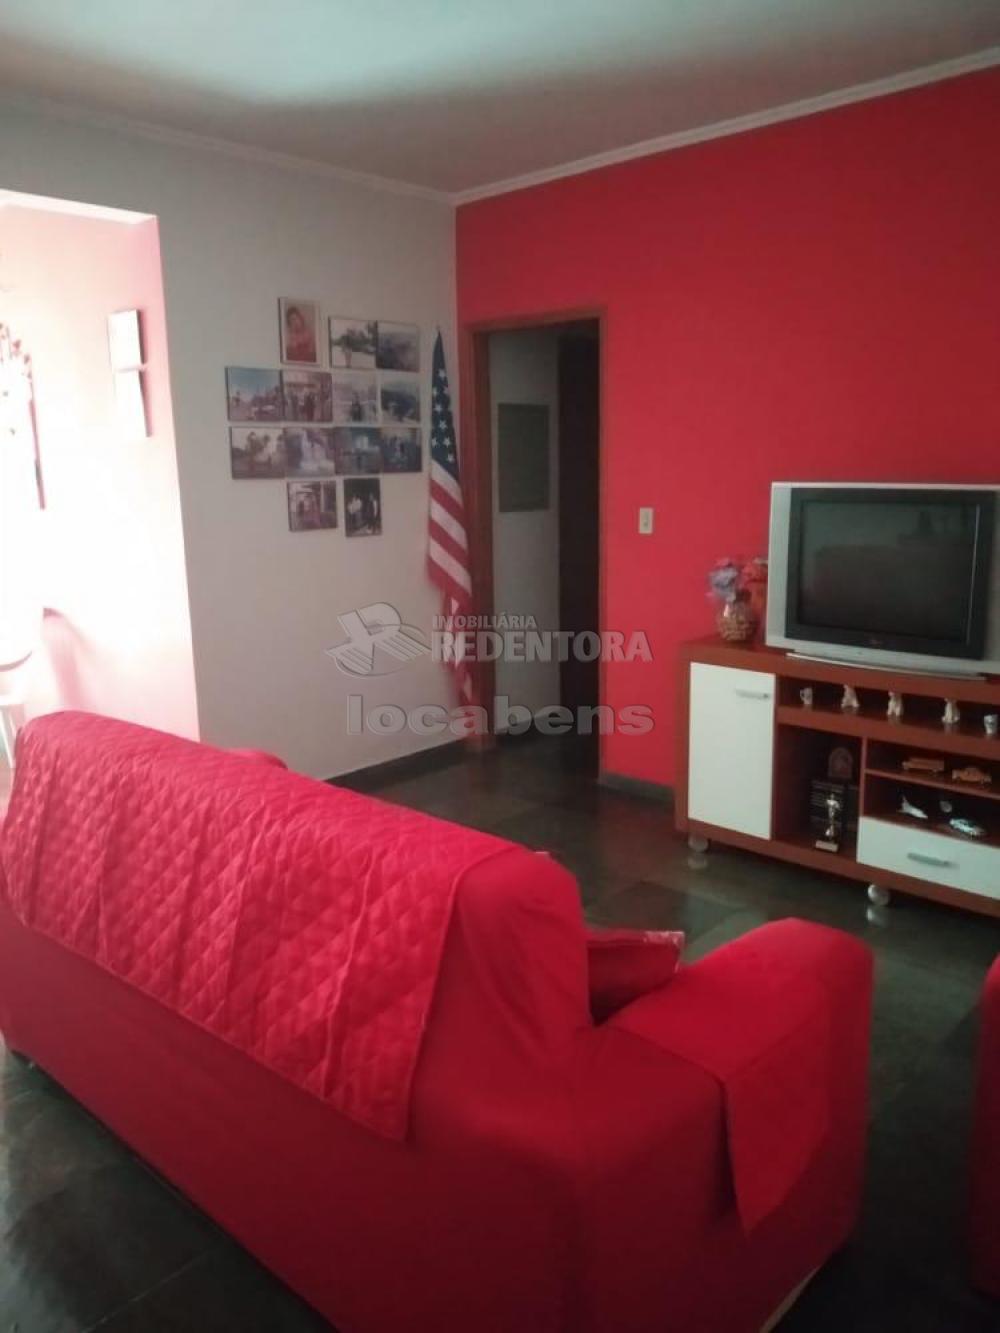 Comprar Apartamento / Padrão em São José do Rio Preto R$ 350.000,00 - Foto 5